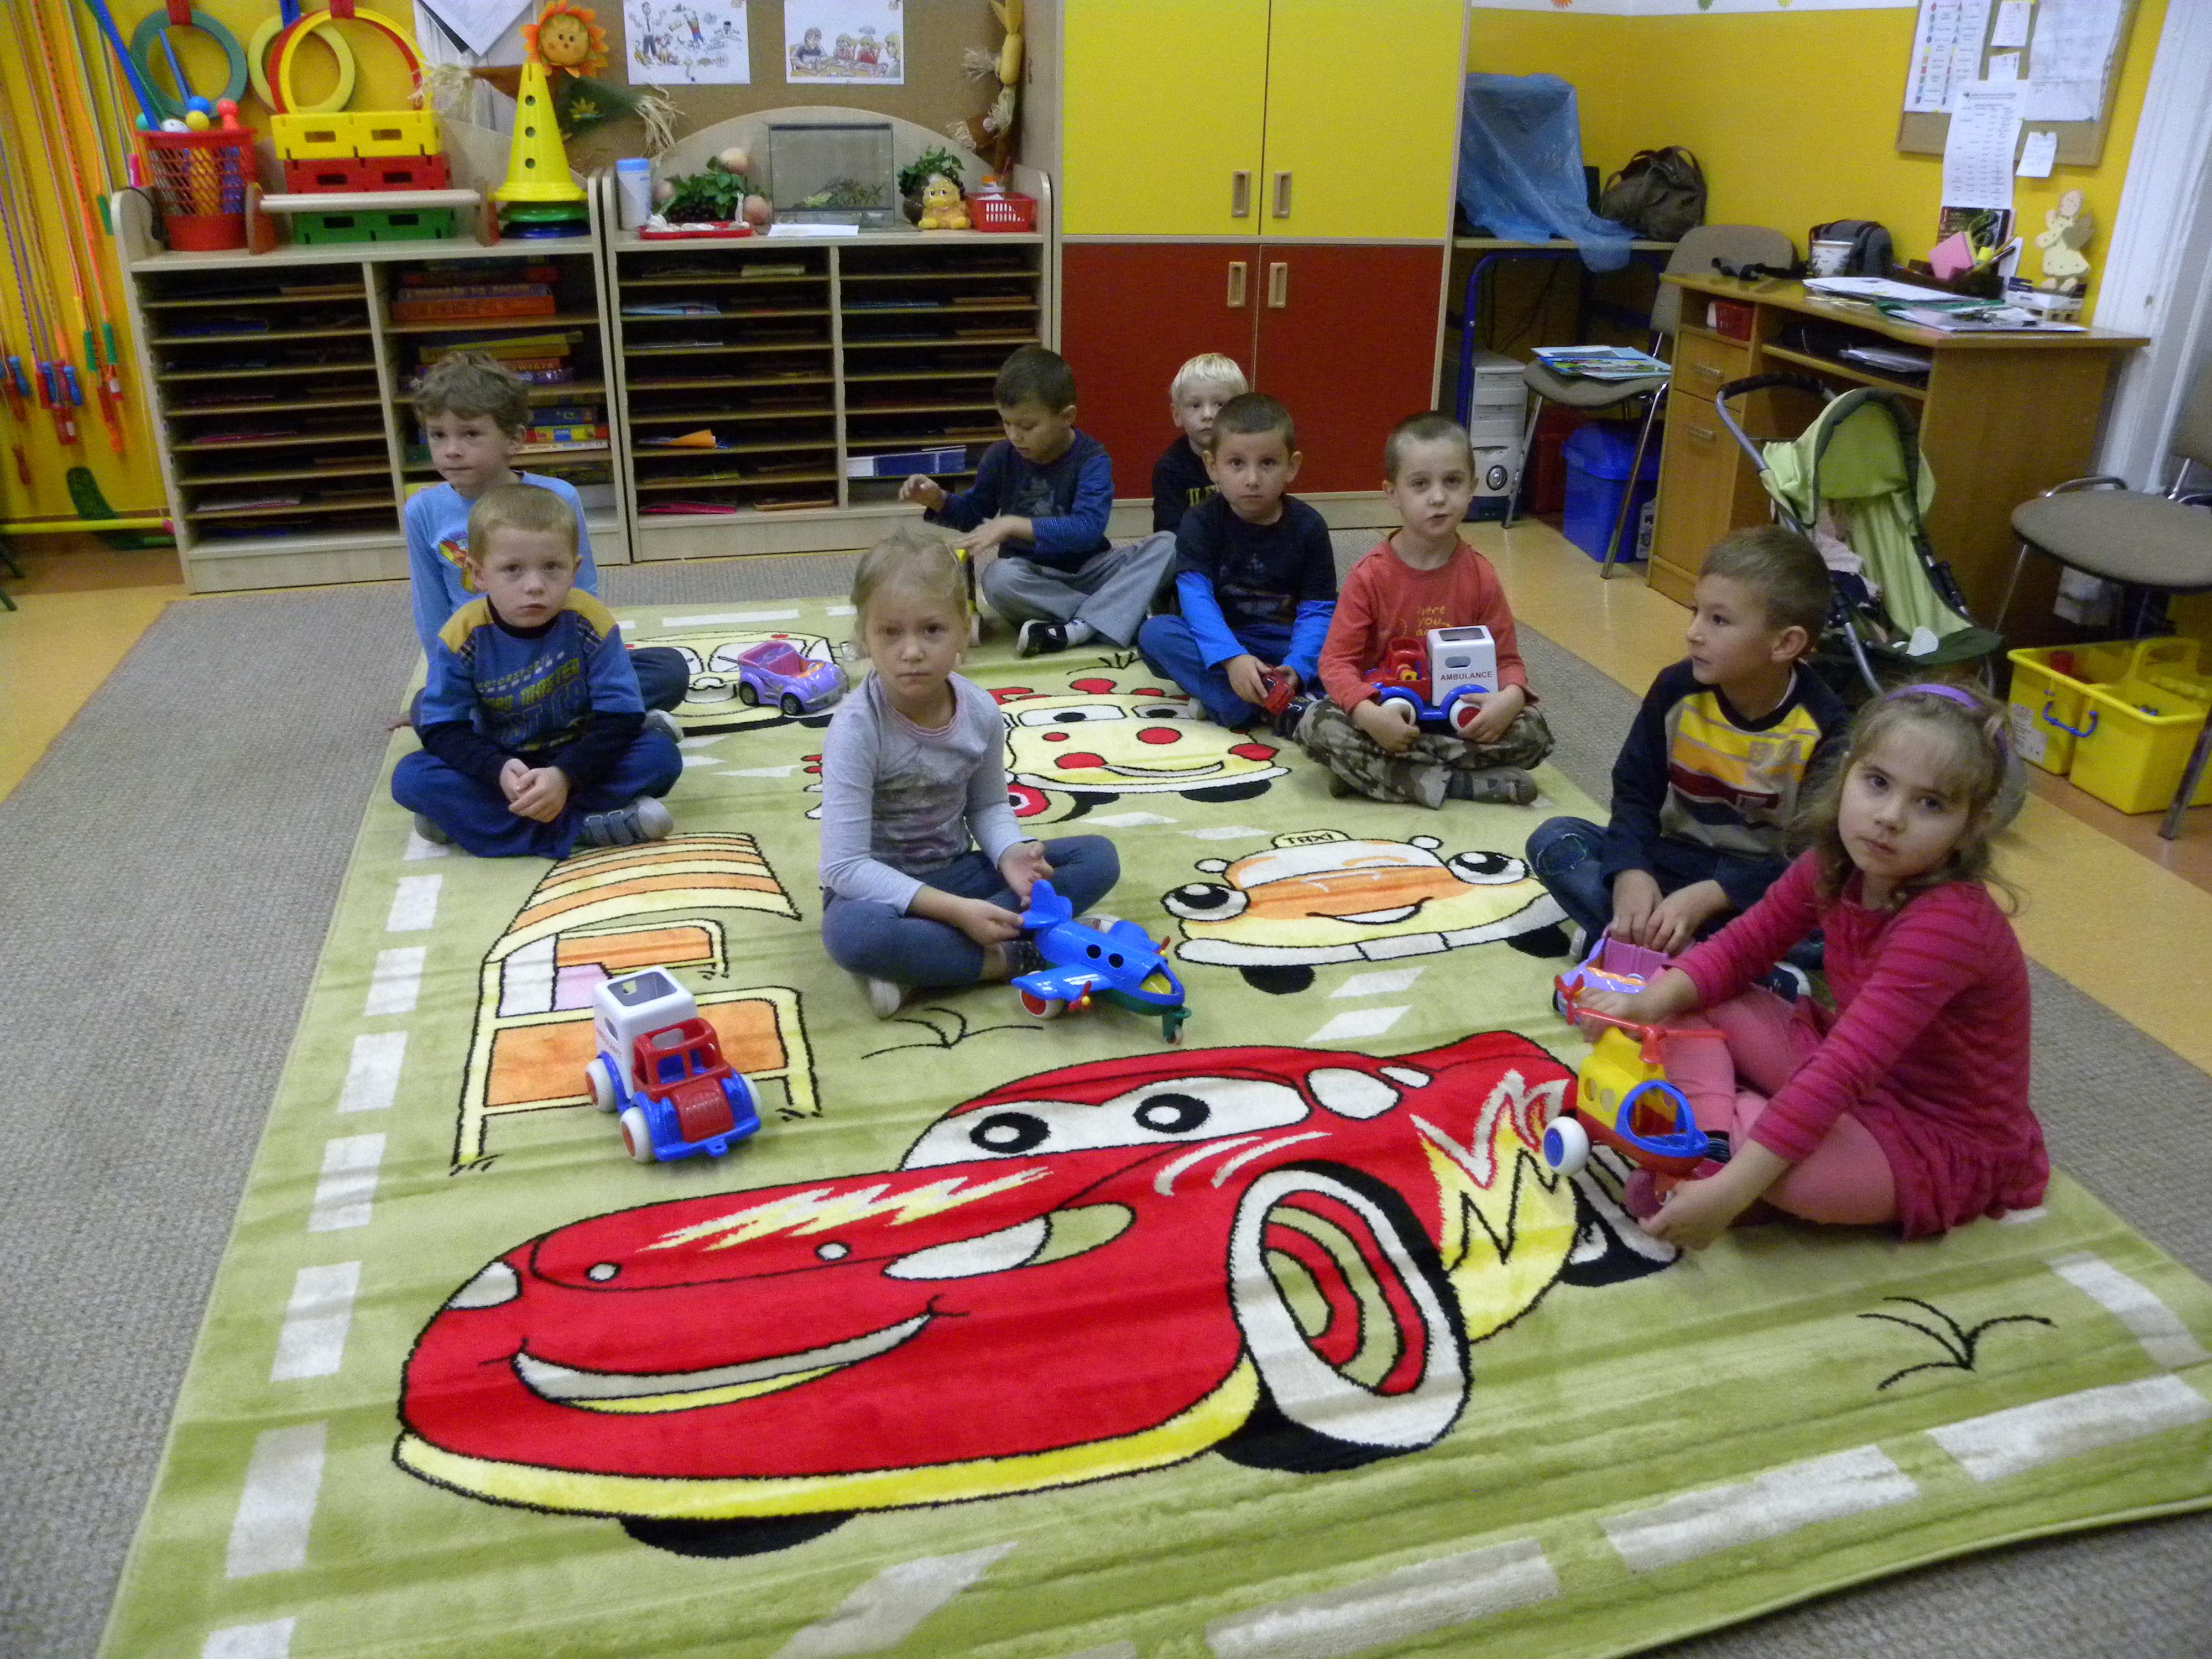 Pomoc przedszkolu, pomoc dzieciom, Przyjaciele przedszkola